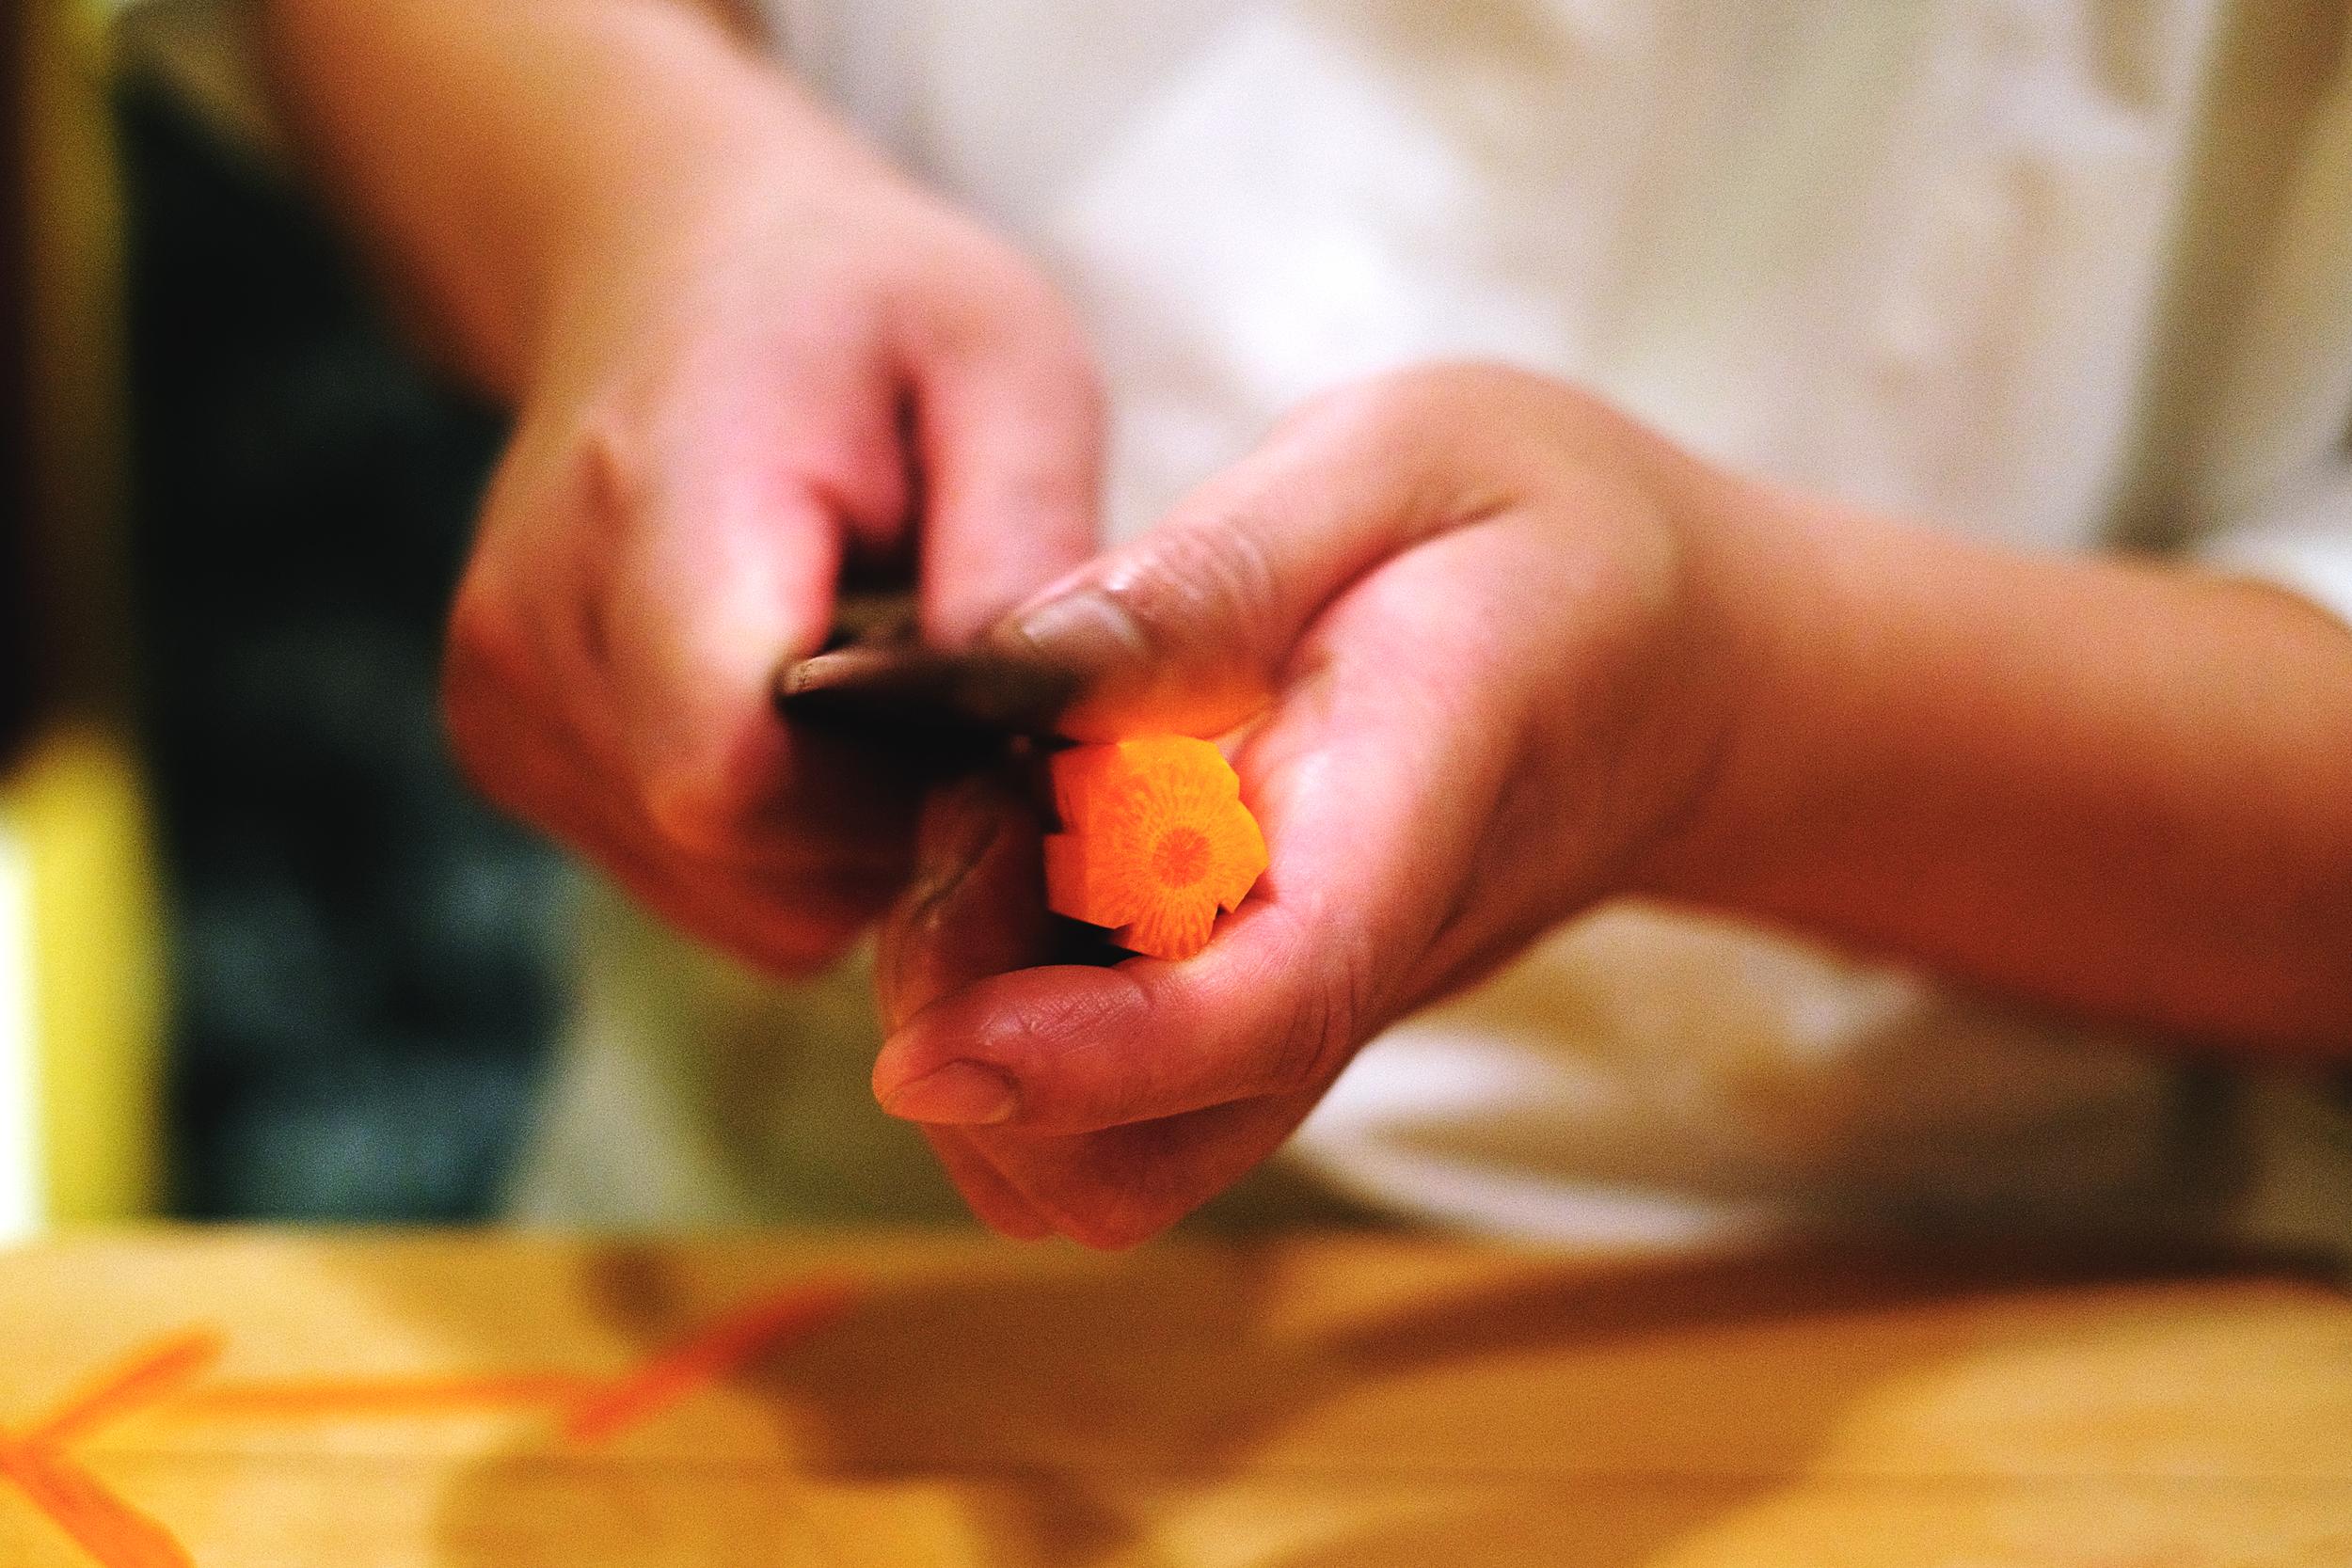 2. 在五角形的某一面,從一個尖點,微微圓弧的斜切入中心點,依序完成五個面,都完成後將紅蘿蔔轉向,重複同樣動作,即完成